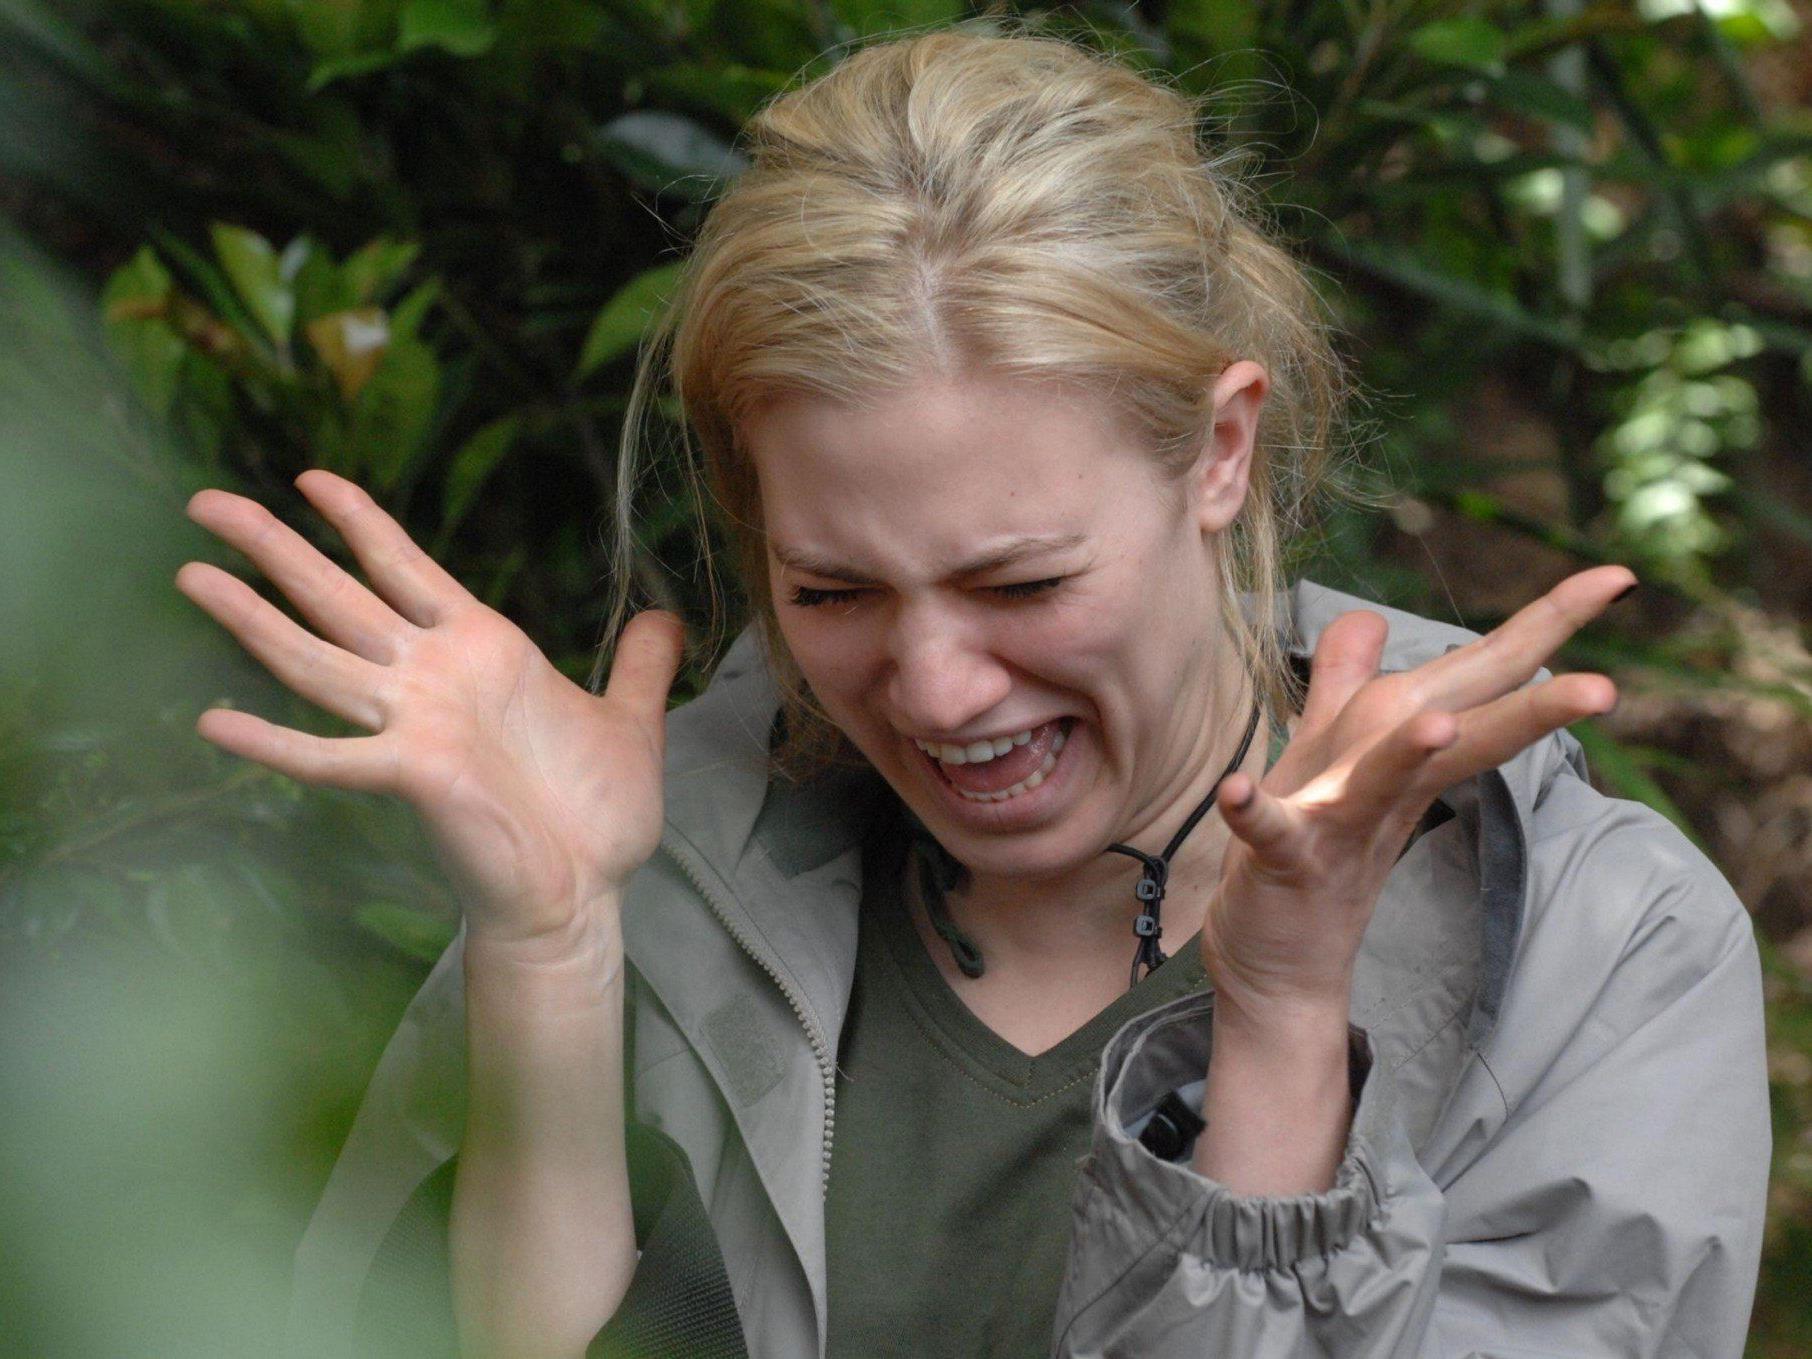 Larissa muss erneut zur Dschungelprüfung antreten.